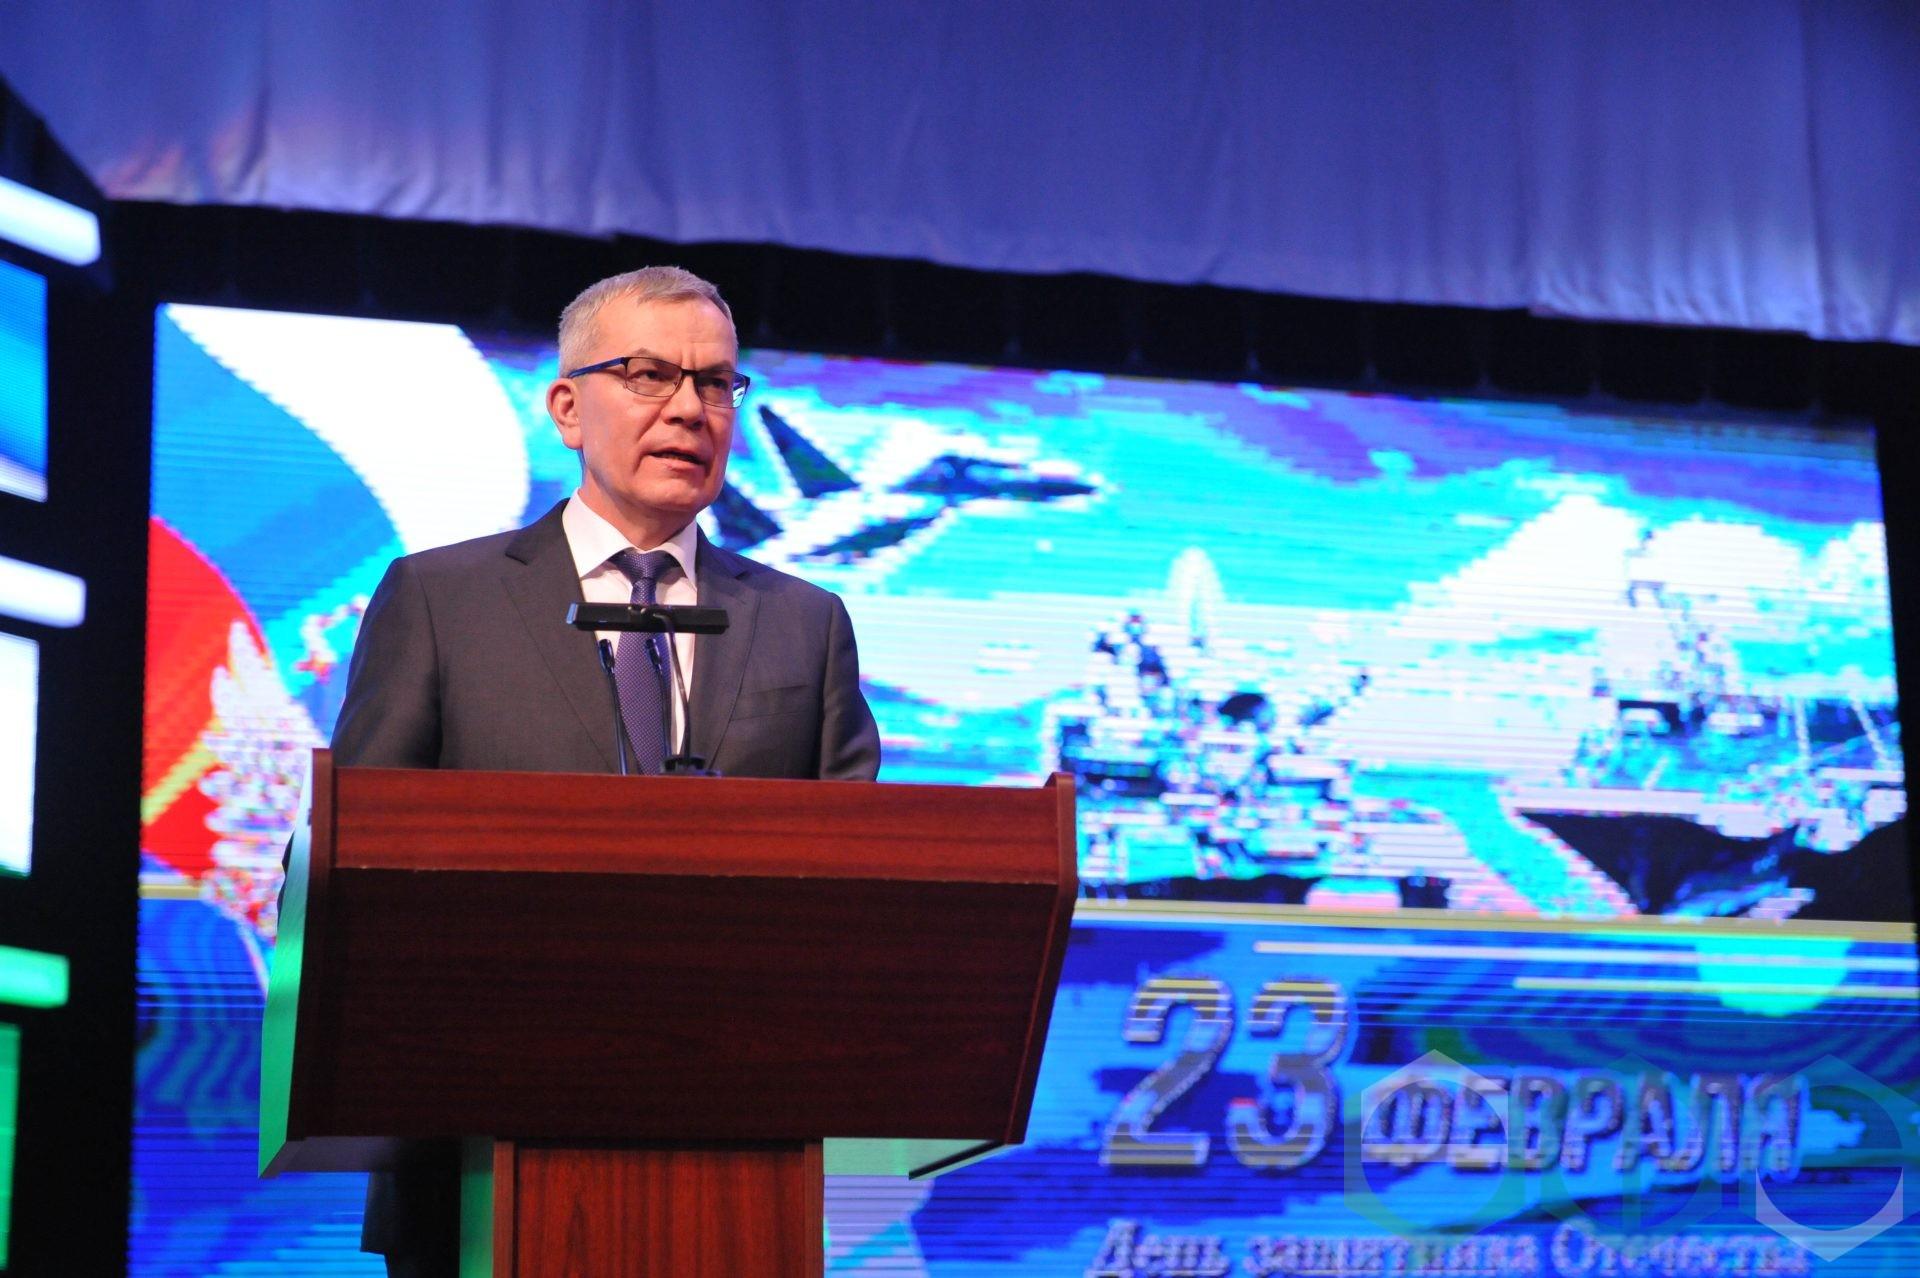 В Уфе состоялось торжественное мероприятие в честь Дня защитника Отечества